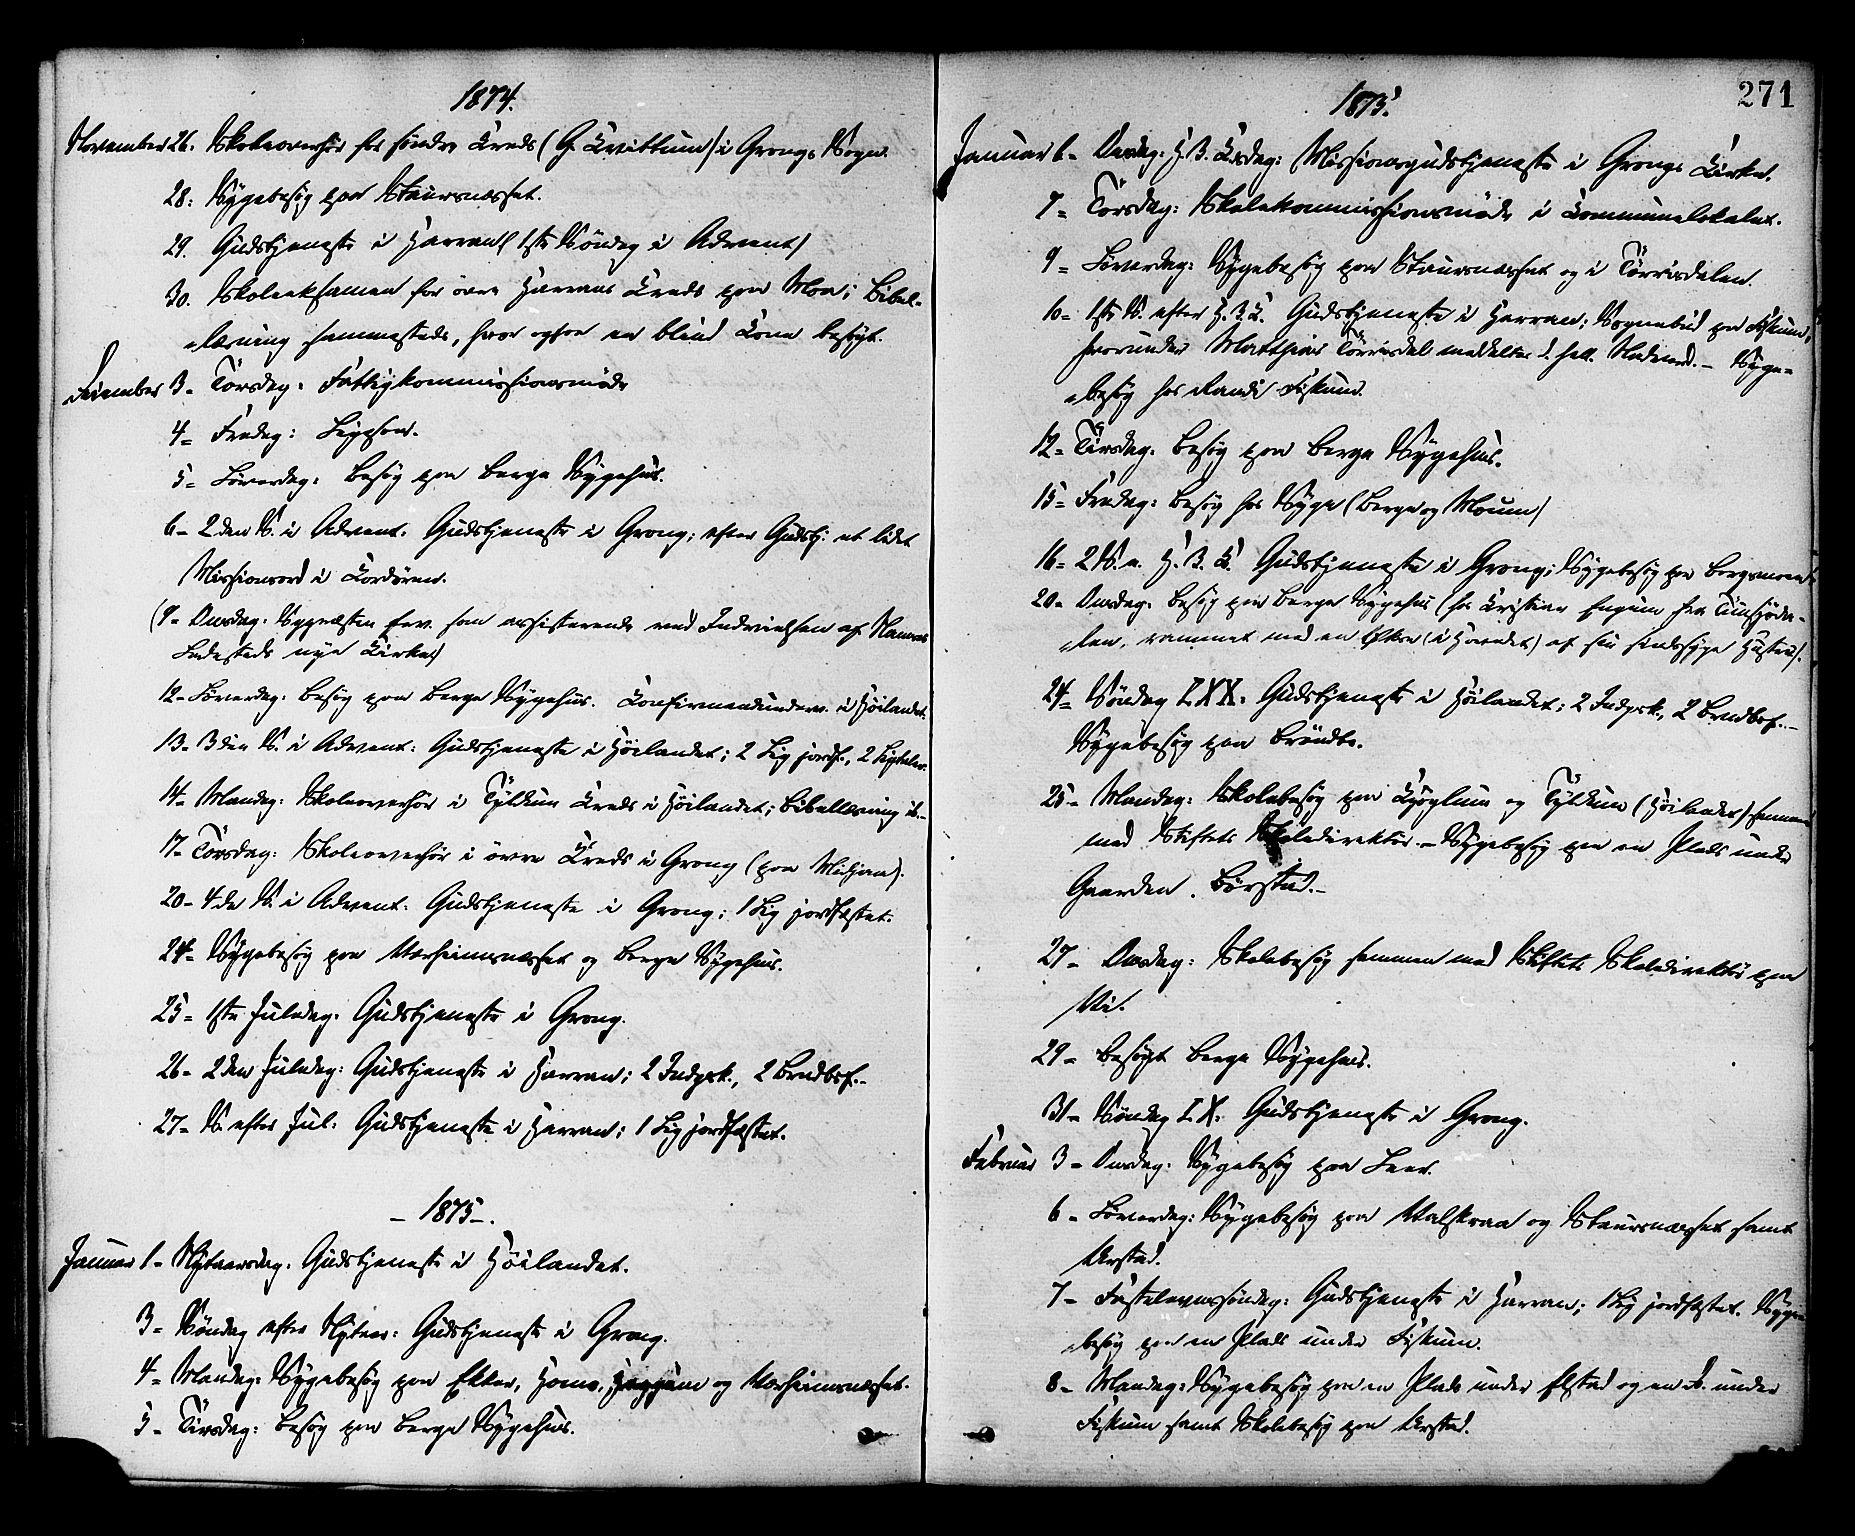 SAT, Ministerialprotokoller, klokkerbøker og fødselsregistre - Nord-Trøndelag, 758/L0516: Ministerialbok nr. 758A03 /1, 1869-1879, s. 271